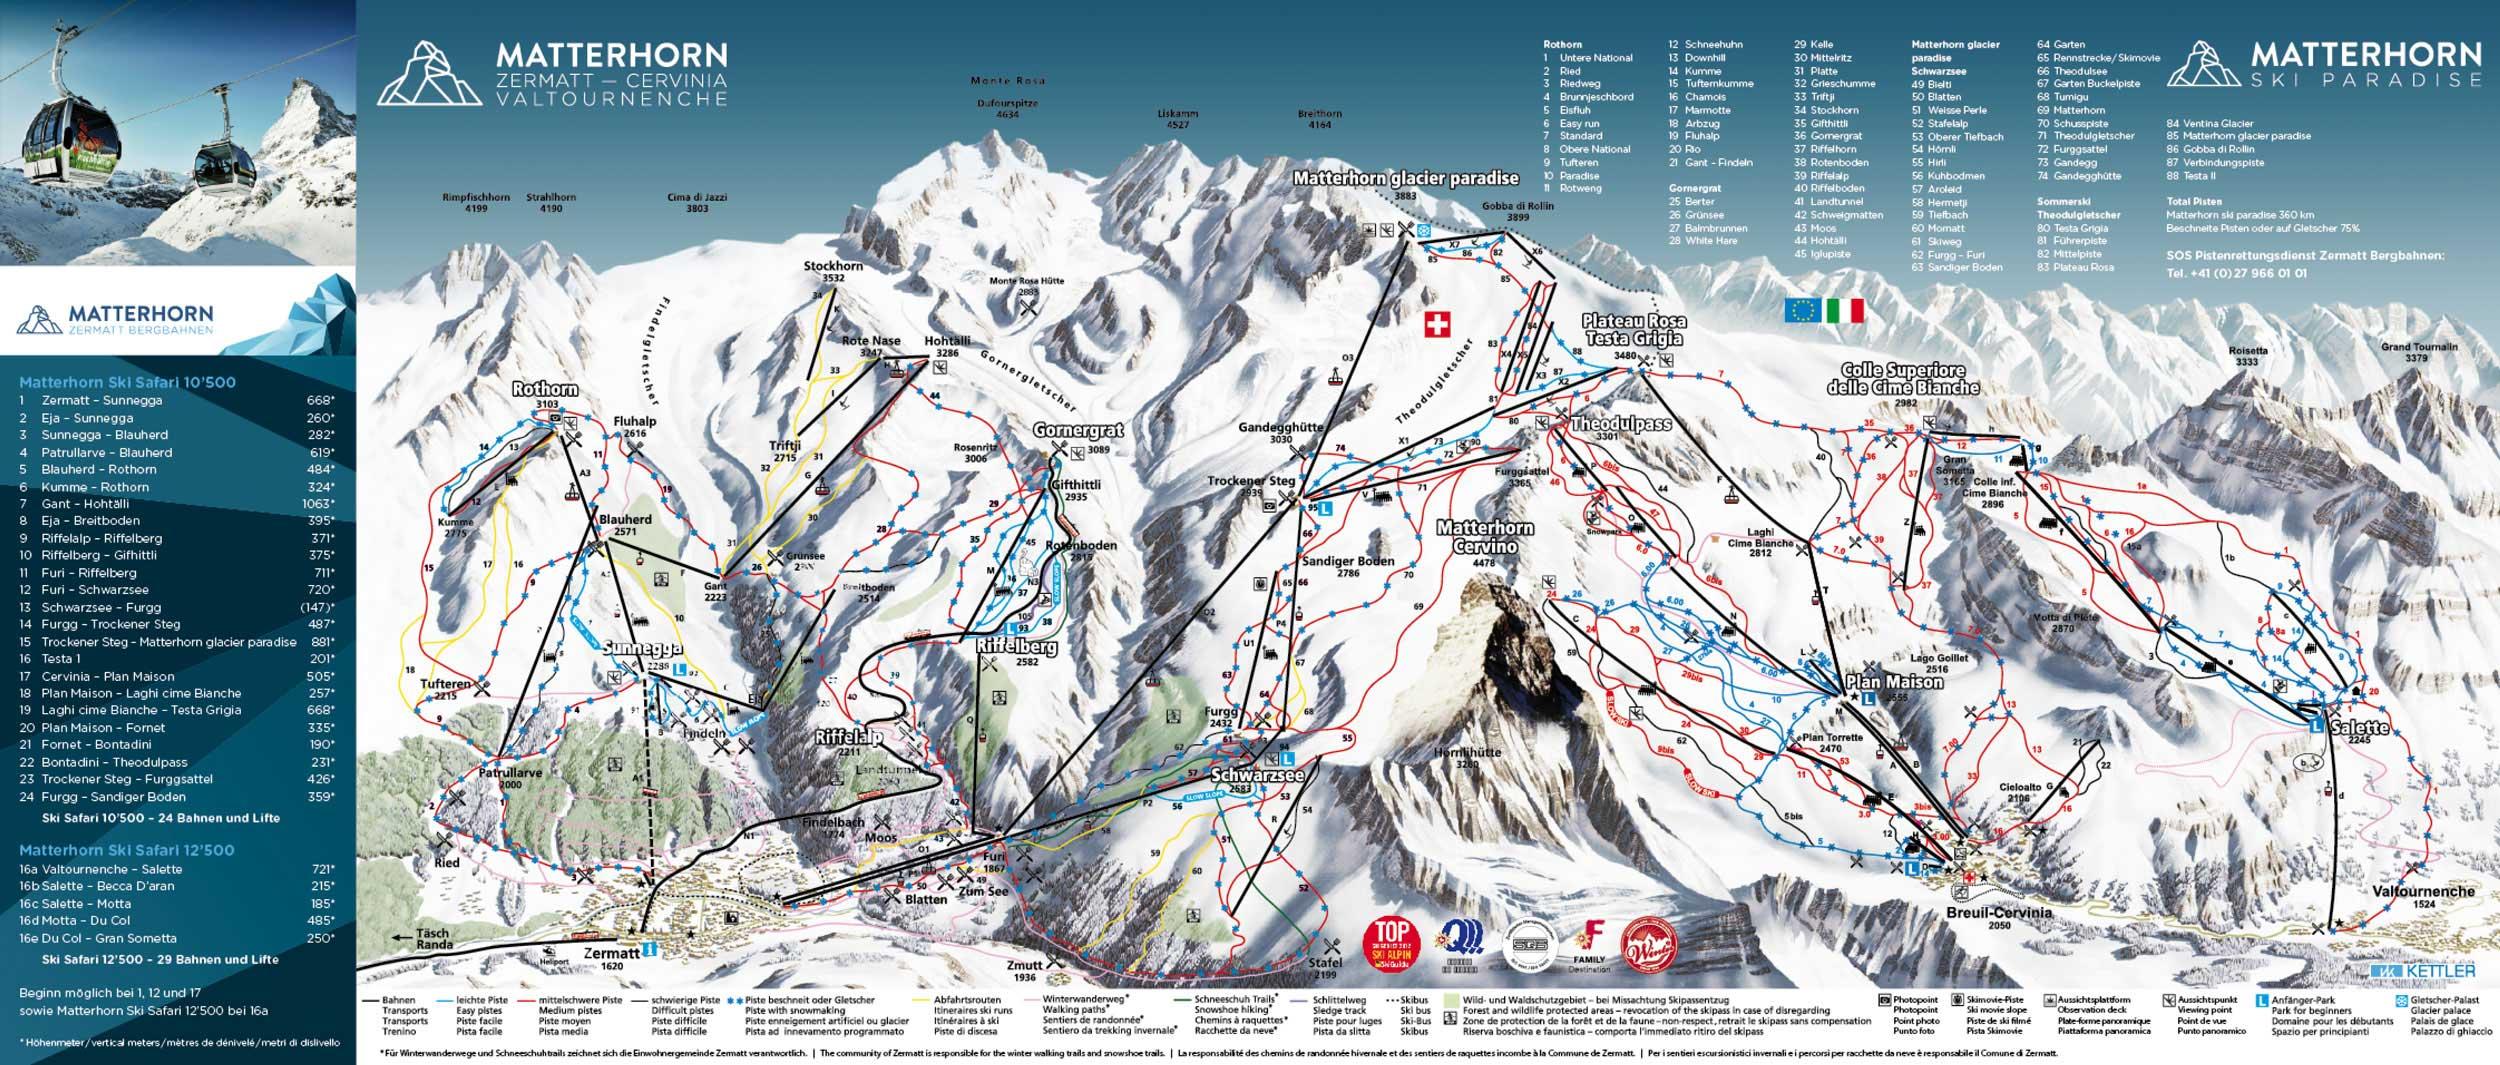 Ski map Breuil Cervinia (Italy)